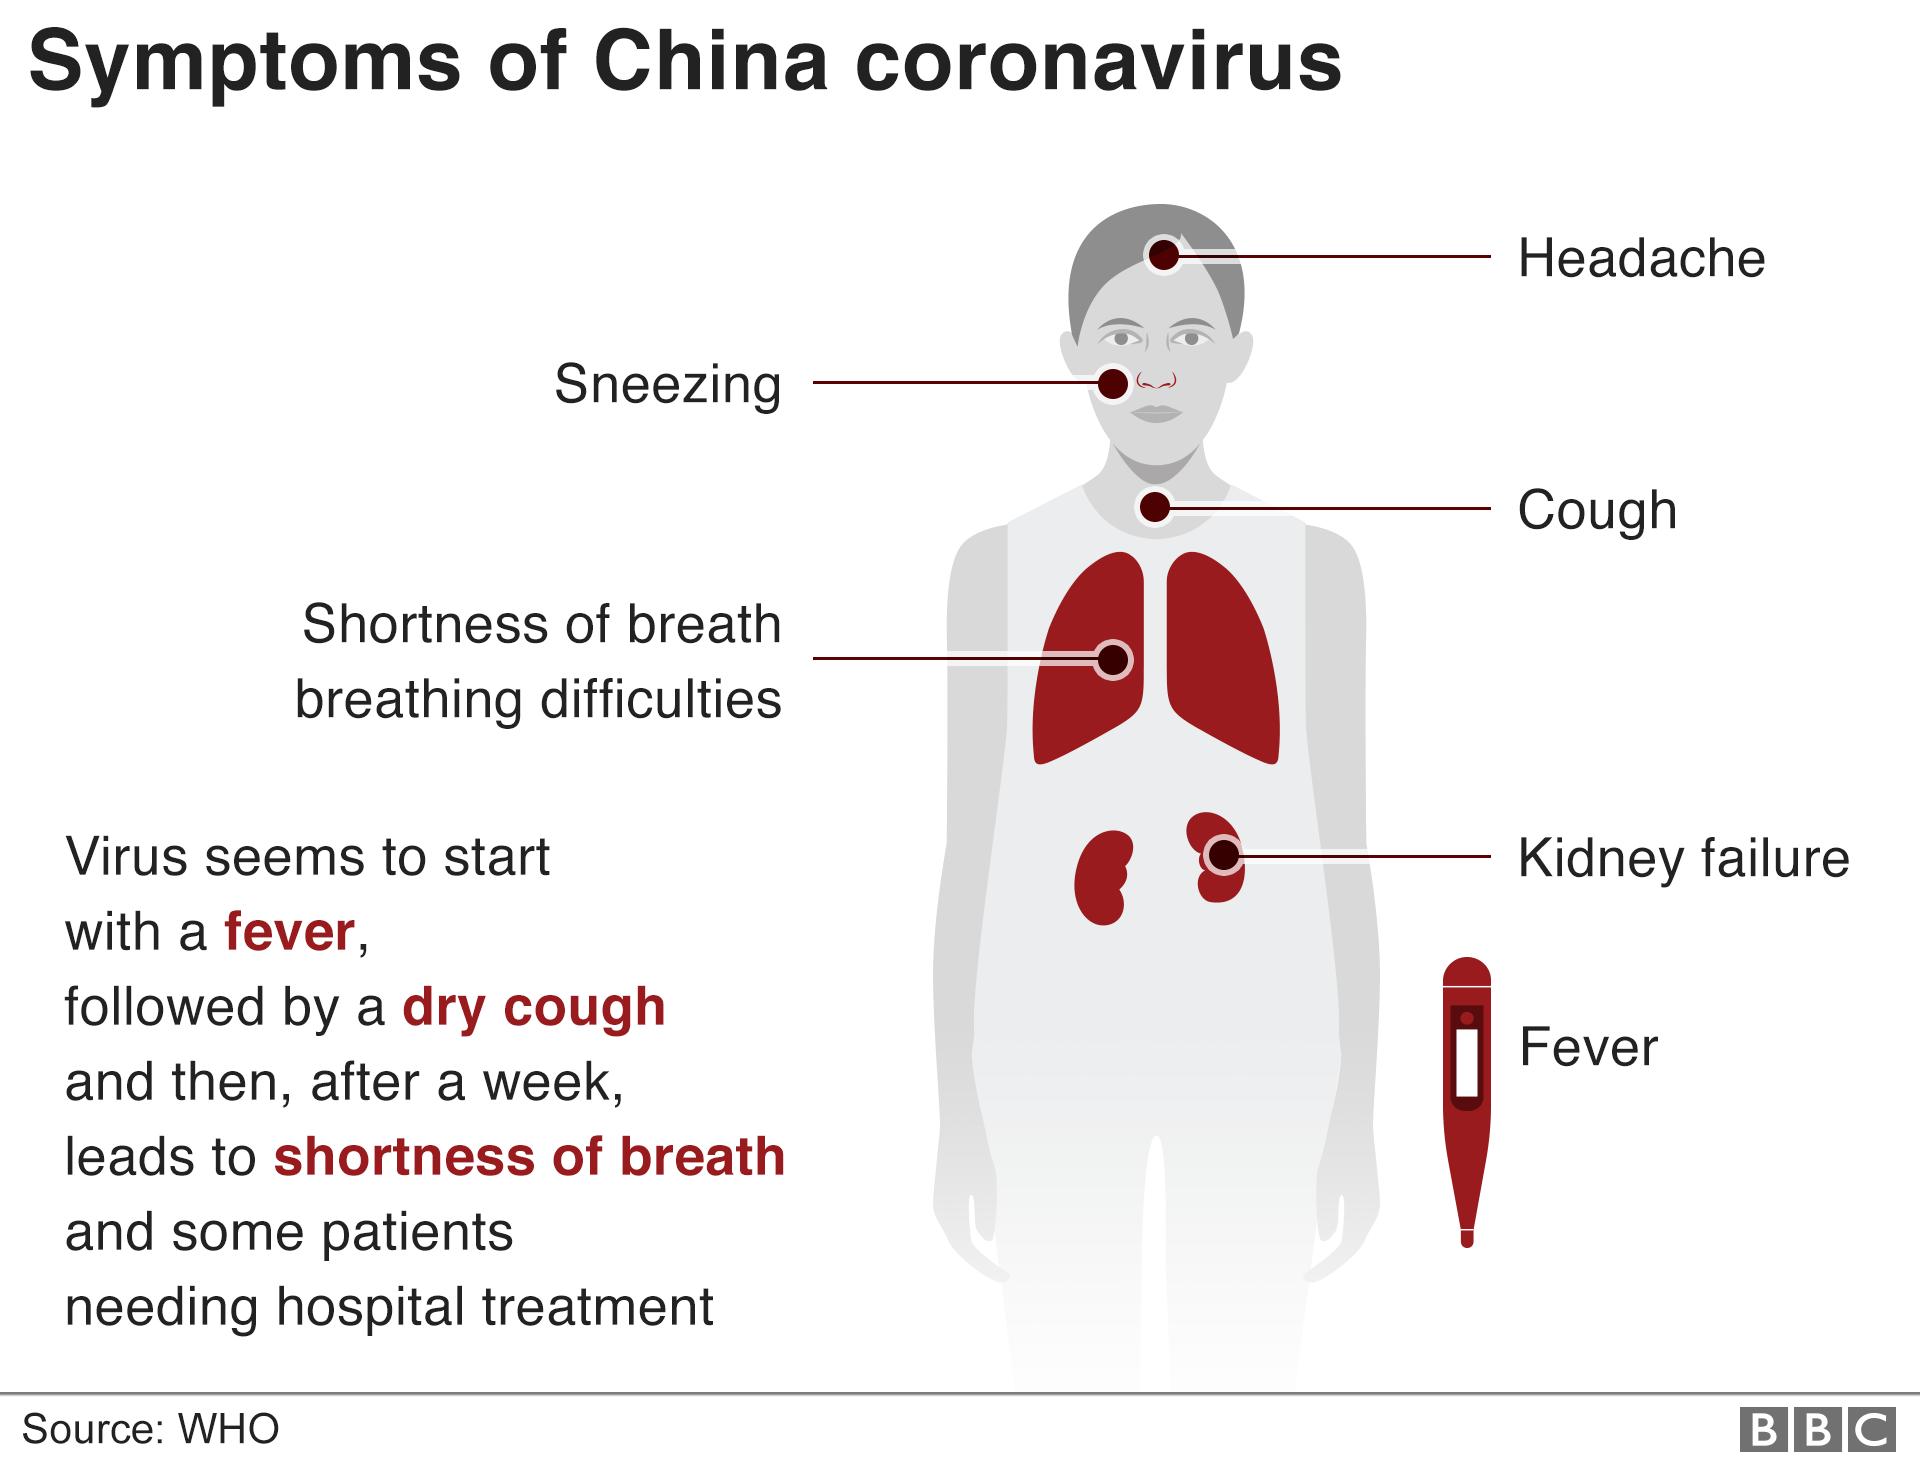 Schita simptomelor data de BBC